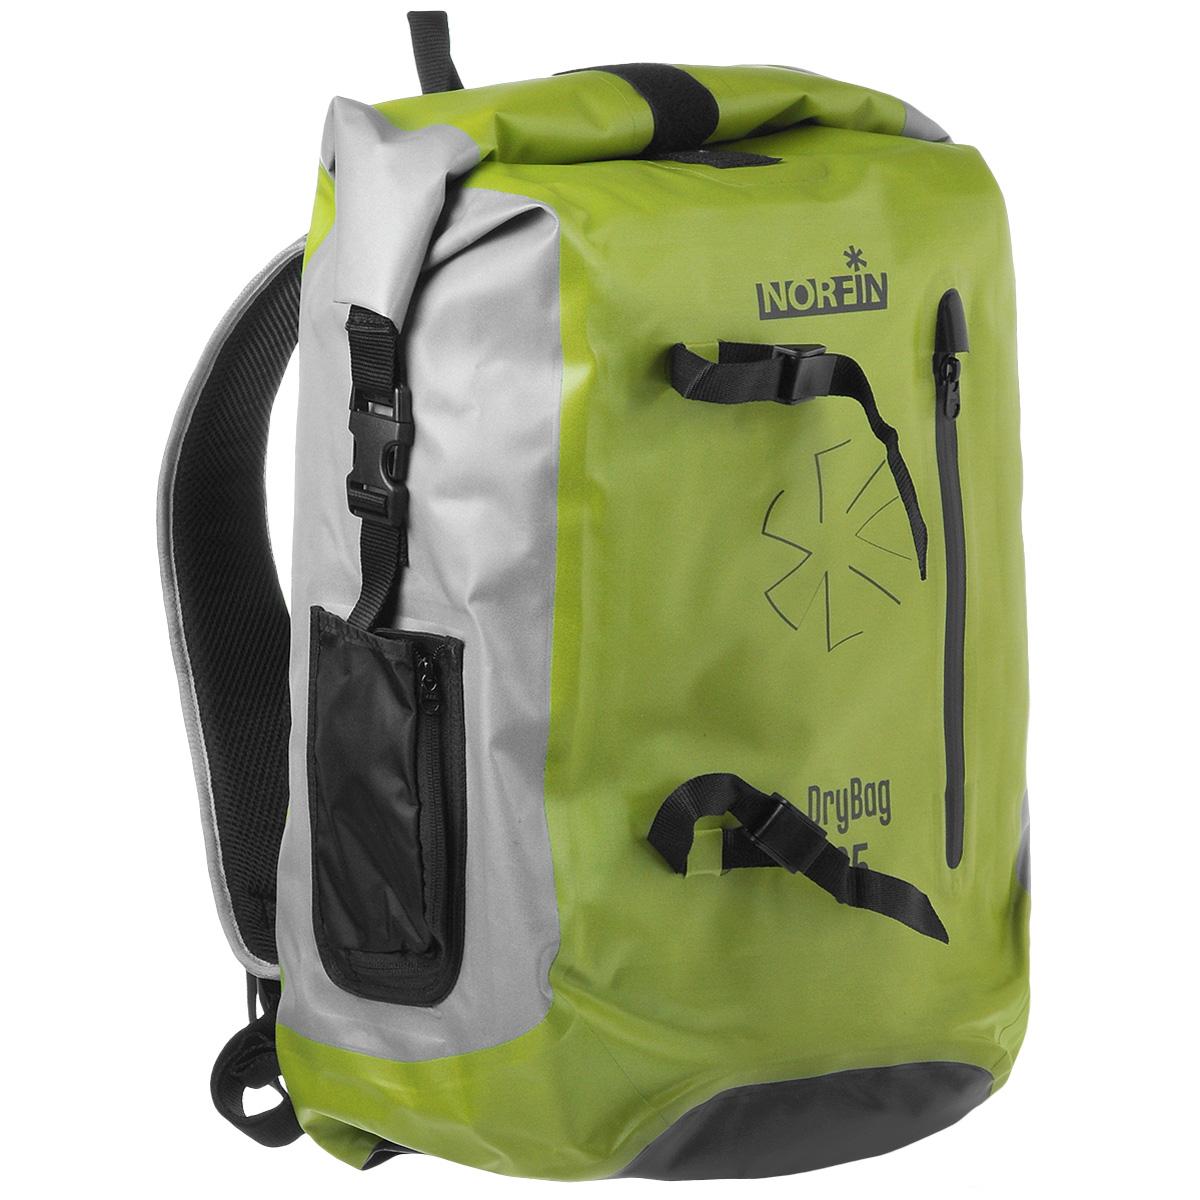 Рюкзак городской Norfin Dry Bag, цвет: серый, неоновый желтый, 35 лNF-40303Водонепроницаемый рюкзак Norfin Dry Bag со сворачивающимся верхом. Благодаря многофункциональности данный рюкзак позволяет удобно и легко укладывать свои вещи. Особенности рюкзака: Подвесная система c пятью рабочими зонами, обтянута сеткой Air Mesh Анатомические лямки. Слой пены и сетки Air Mesh для мягкости и вентиляции Одно внутреннее отделение, два внутренникх кармана на молнии Фронтальный карман на молнии Водонепроницаемые молнии Два боковых кармана, меняющих объем Грудная стяжка Швы проклеены.